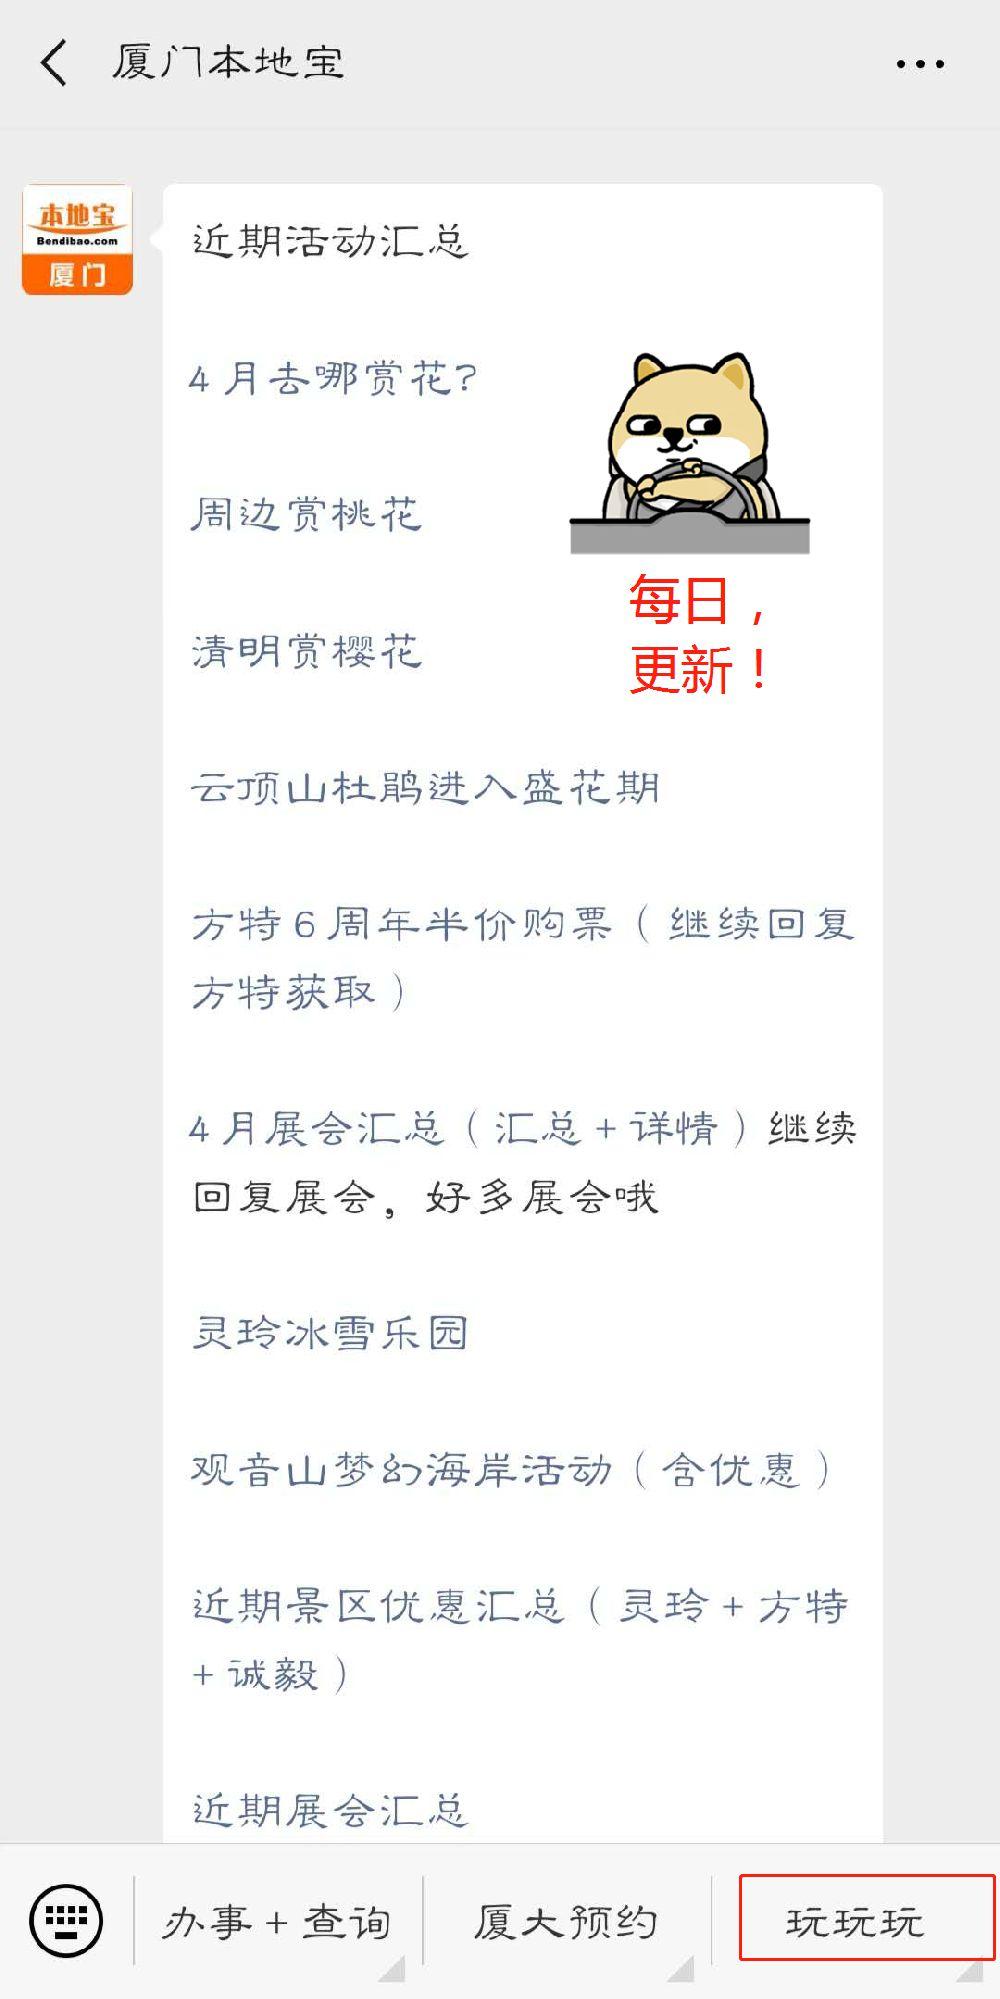 2019海沧4月份文化活动一览表